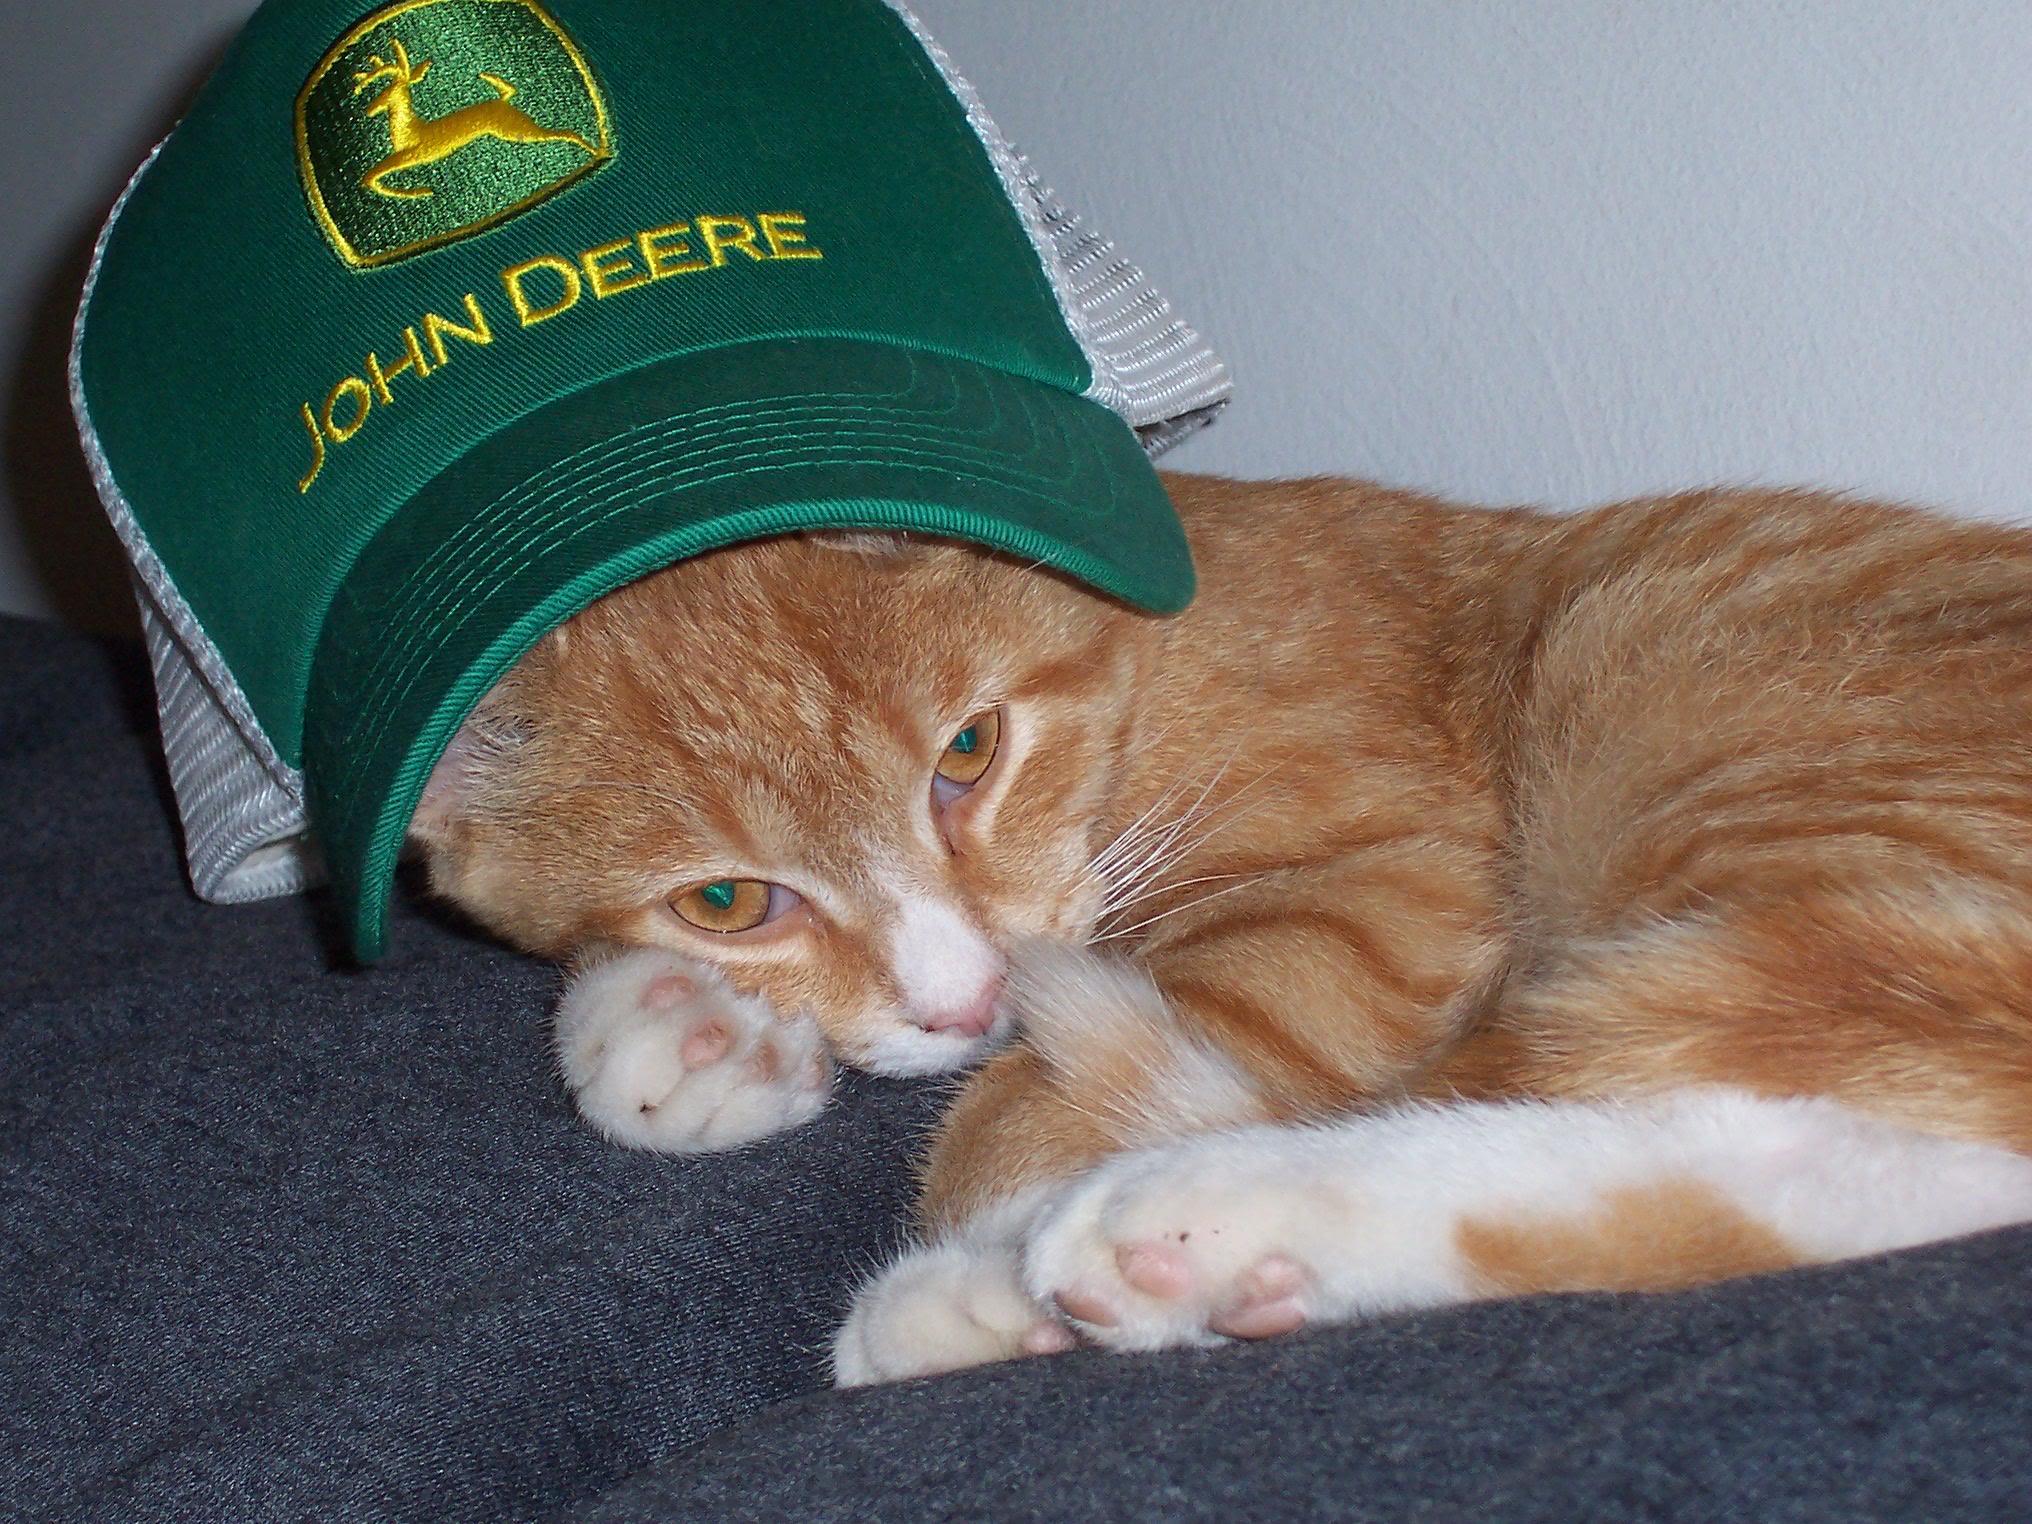 John Deere Gators >> John Deere Pets - Merchandise for The Animals in Your Life